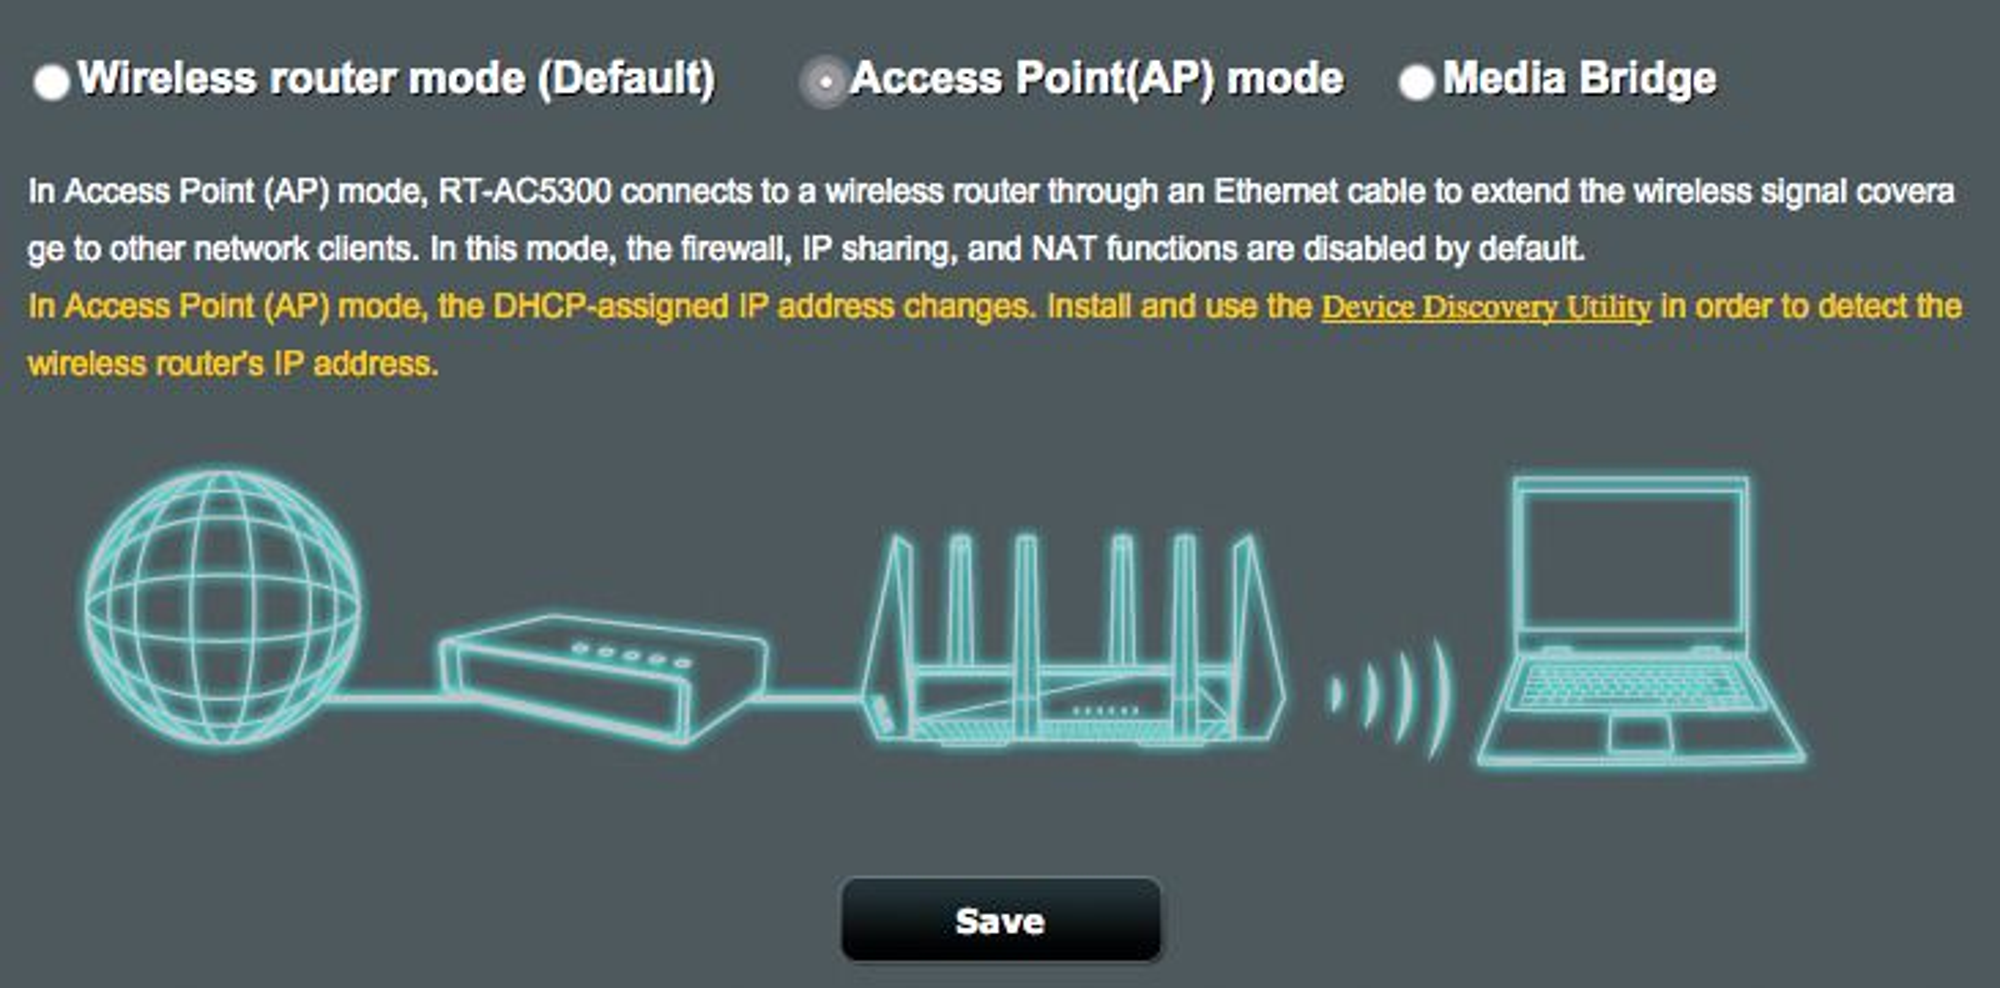 GUIDE: Ustabilt nett – slik setter du ruteren i bromodus Ustabilt